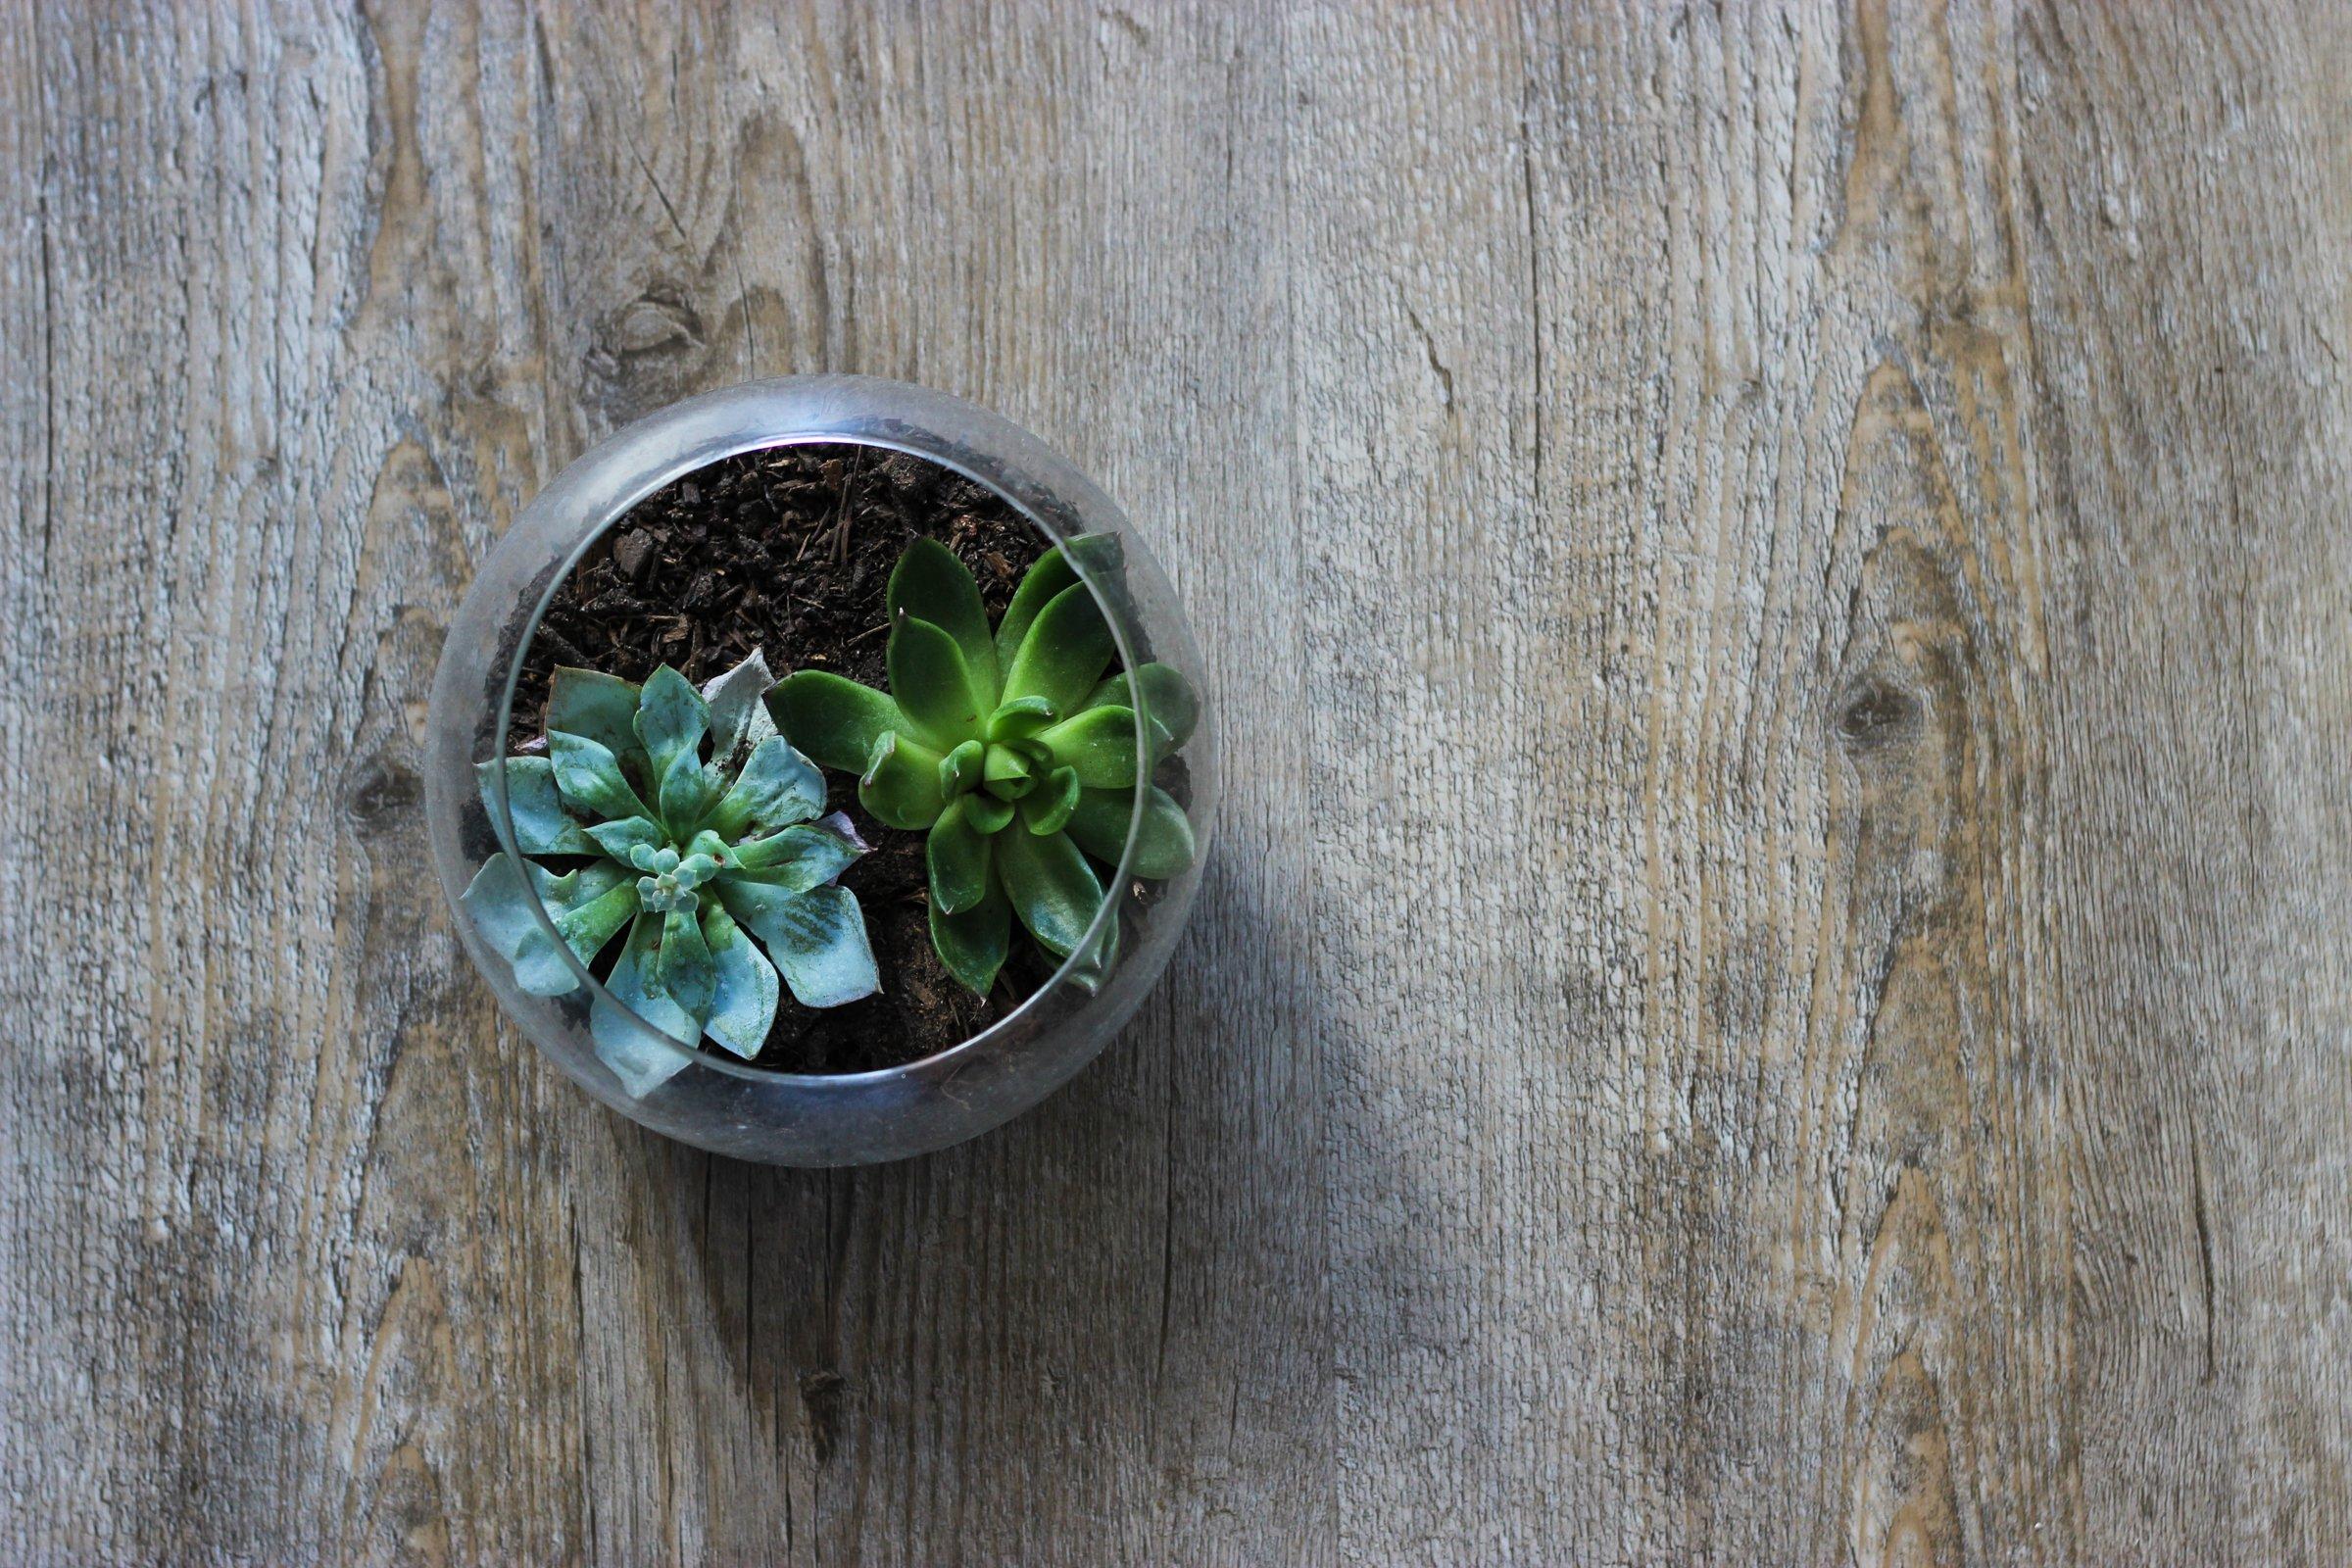 Succulent Jar on Wood Table